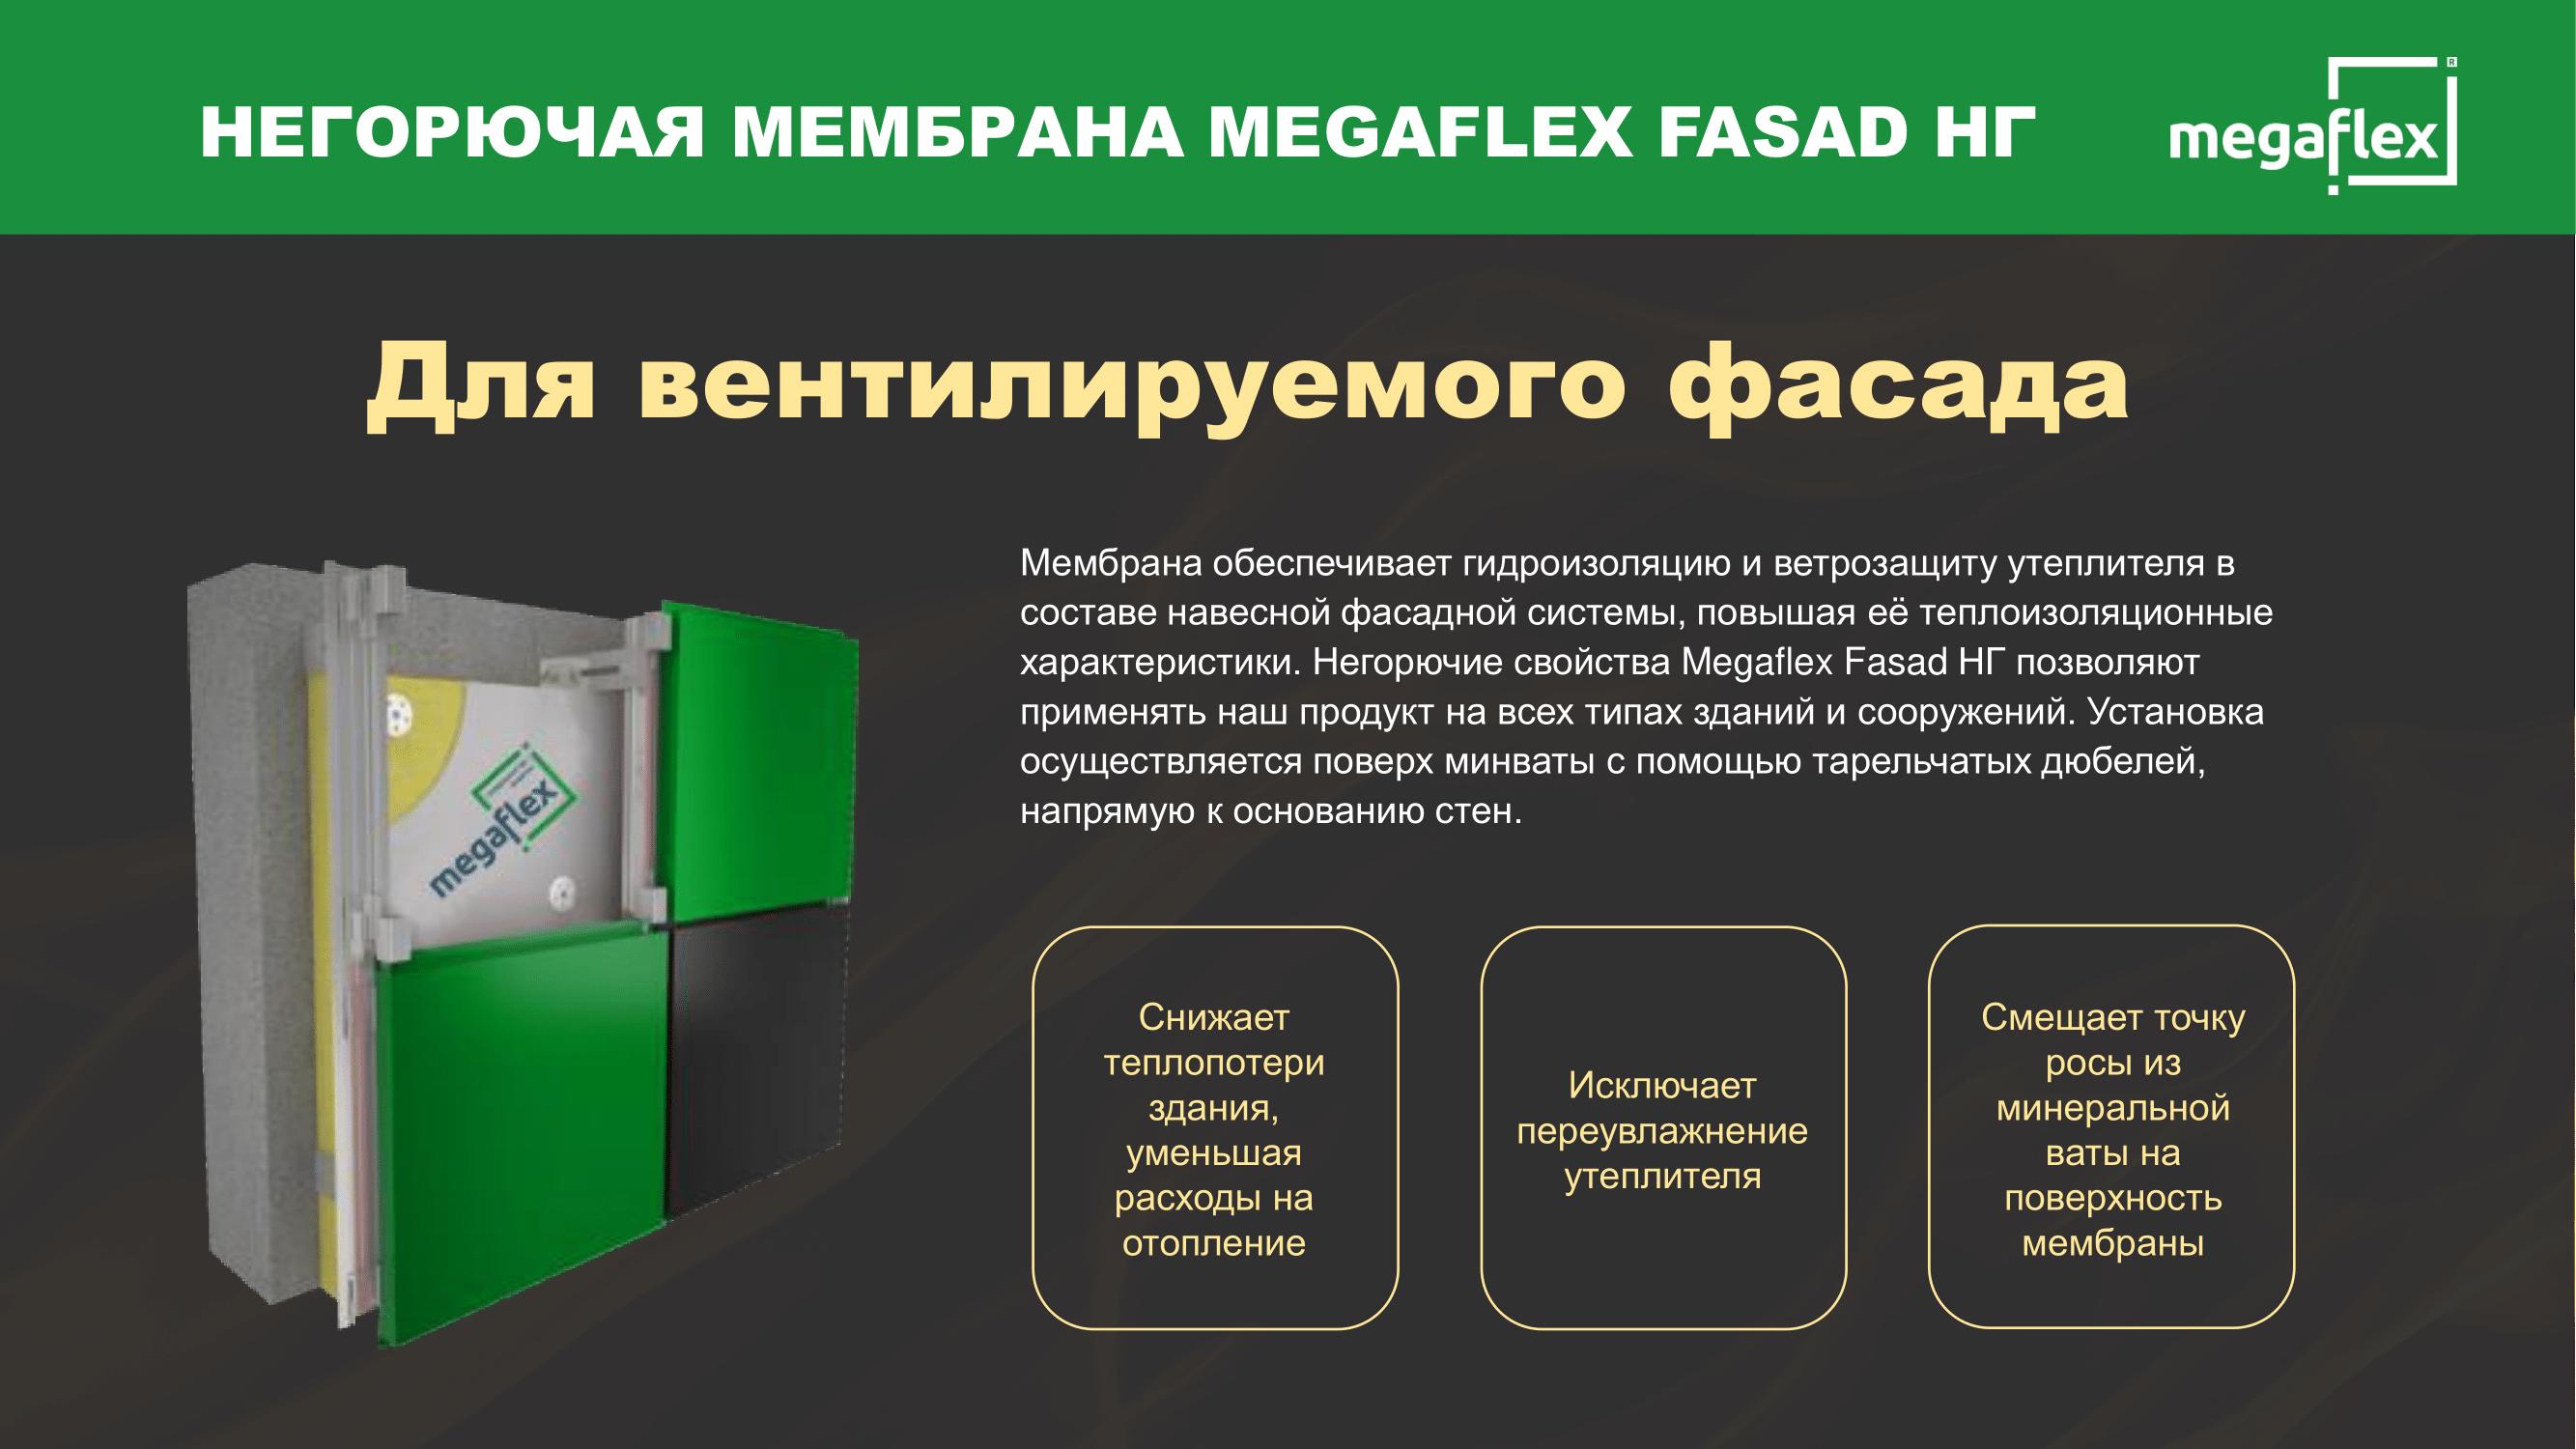 Megaflex Fasad НГ 4